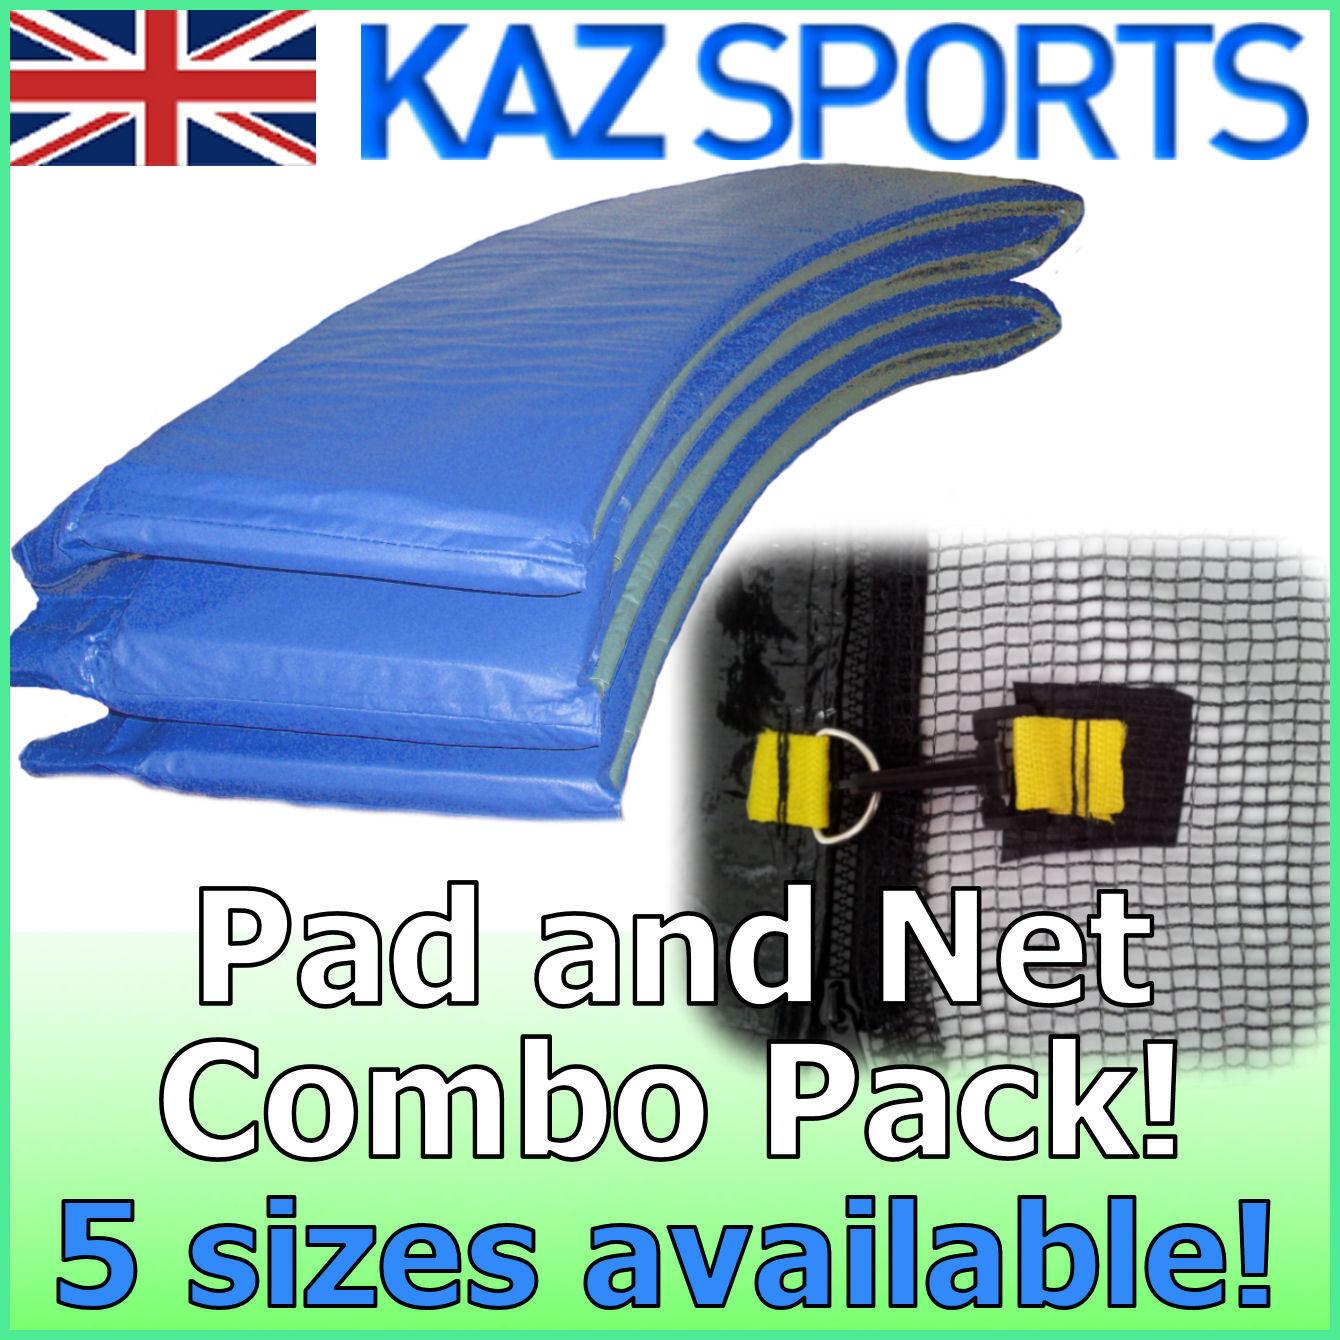 RemplaceHommes t trampoline filet de de de sécurité & pvc rembourrage / pad / surround combo pack! 88a482